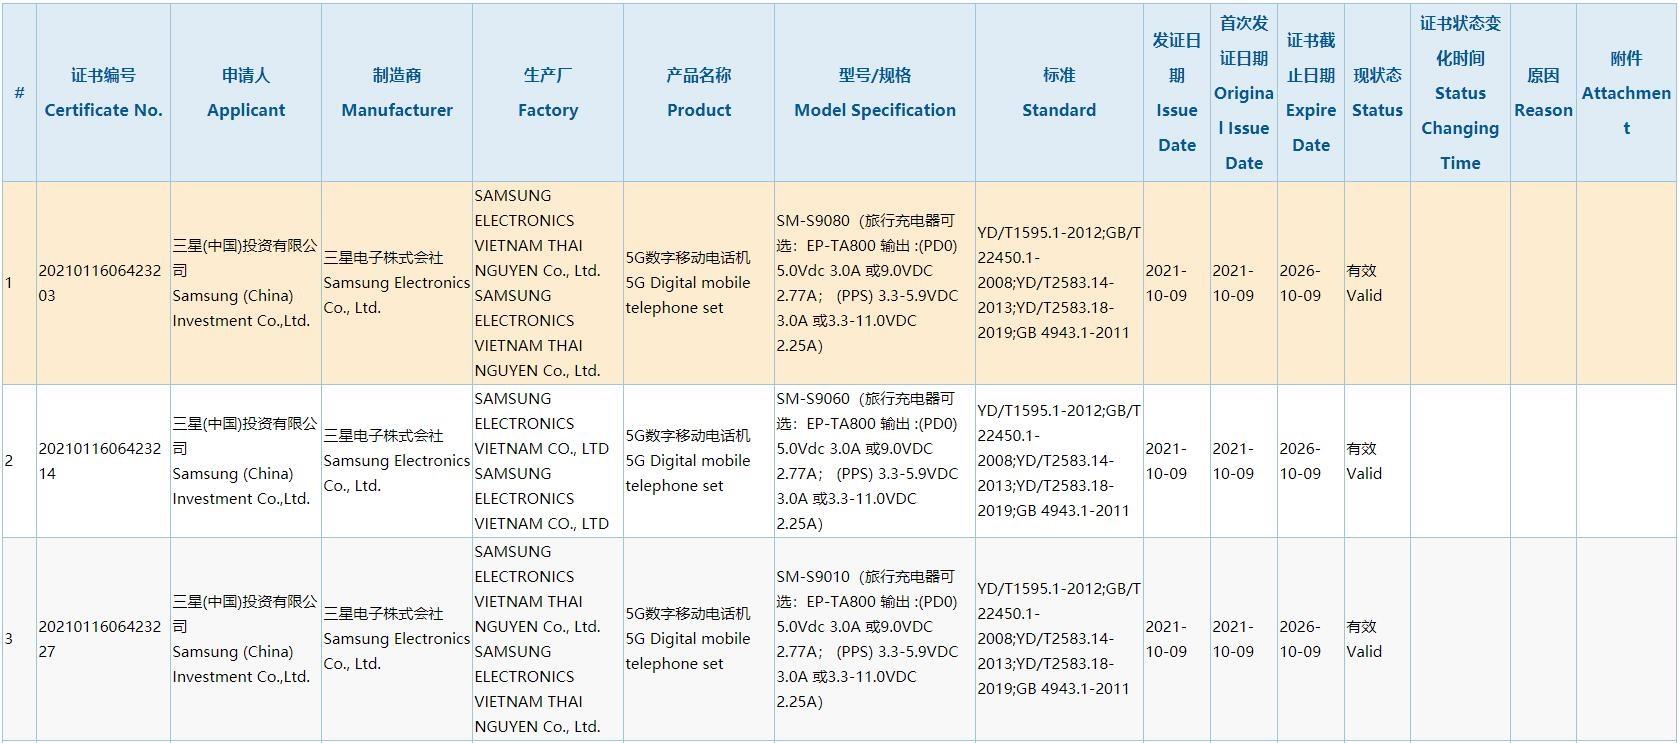 骁龙898旗舰入网:核心配置堆料 可惜有个遗憾